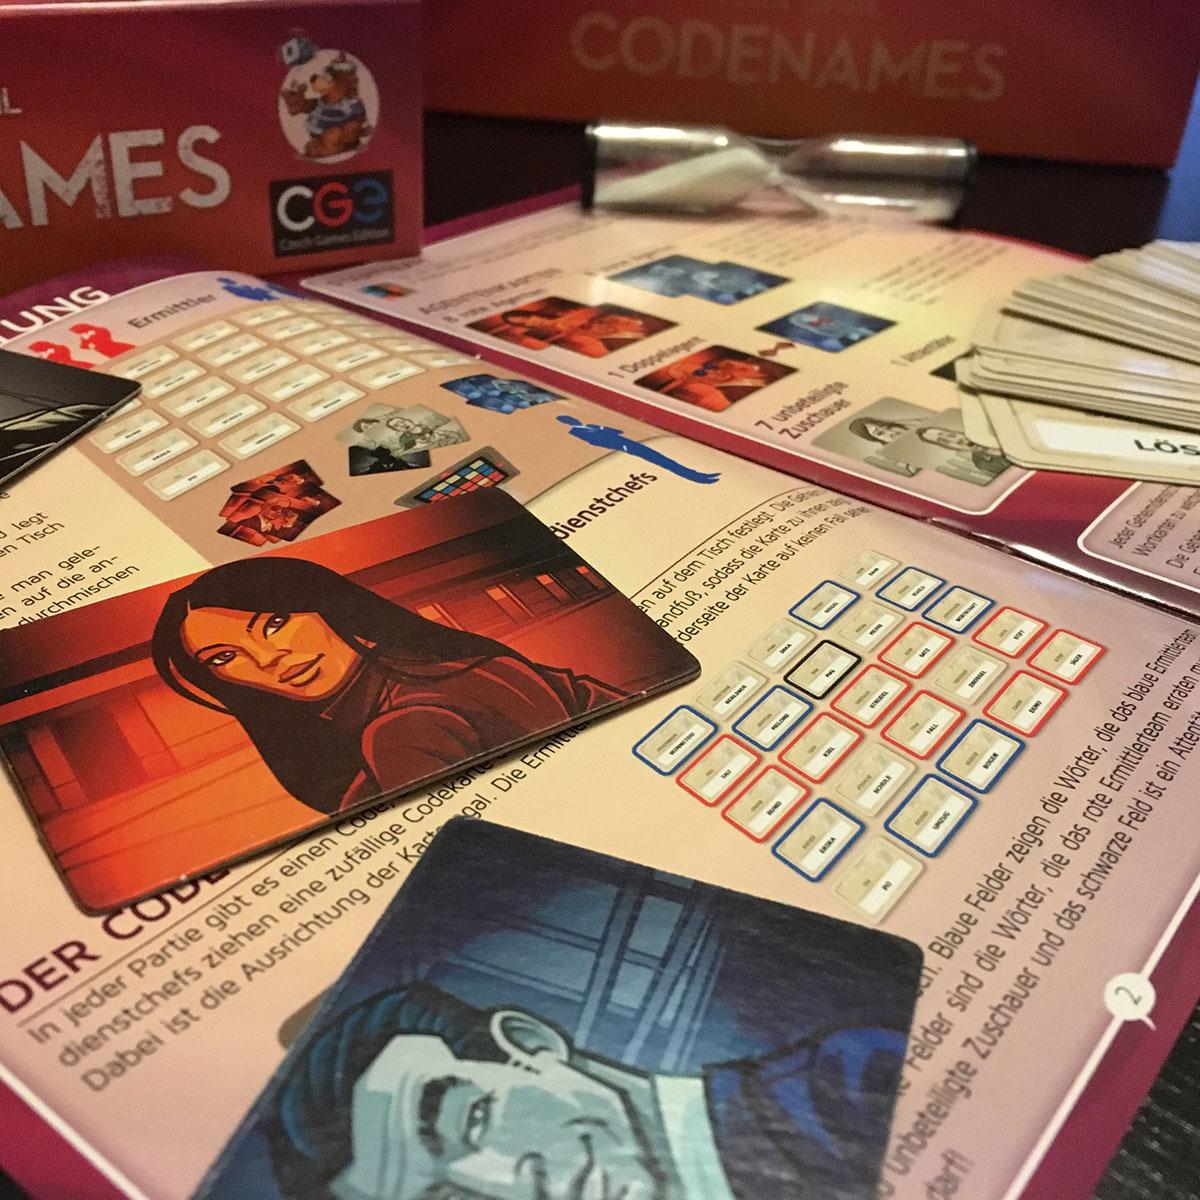 Codenames Anleitung und Spielkarten sind in der Box perfekt aufgehoben